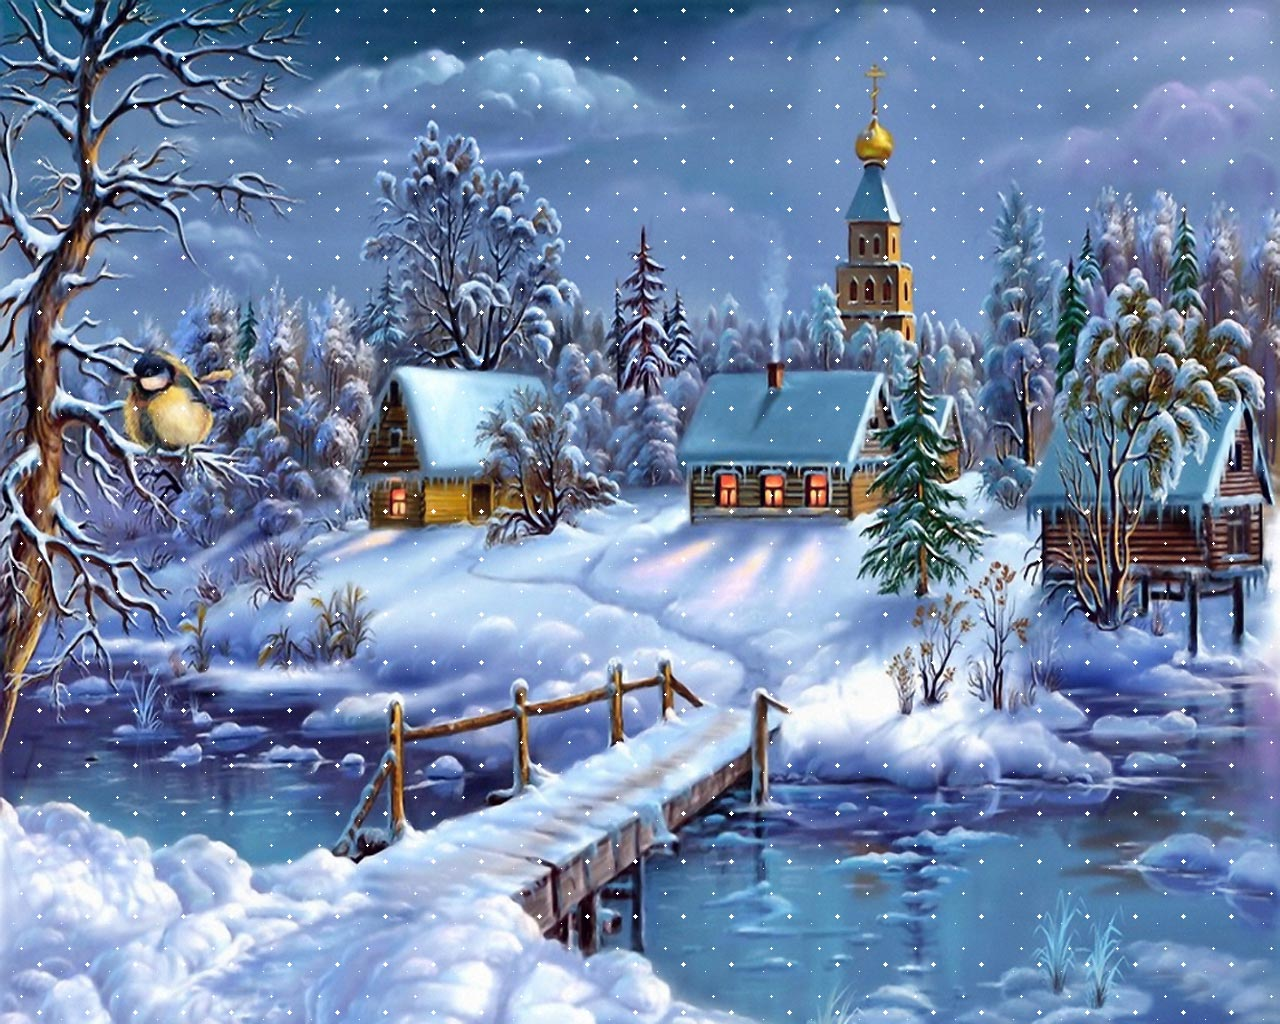 Найти новогоднюю картинку, день учителя открытки